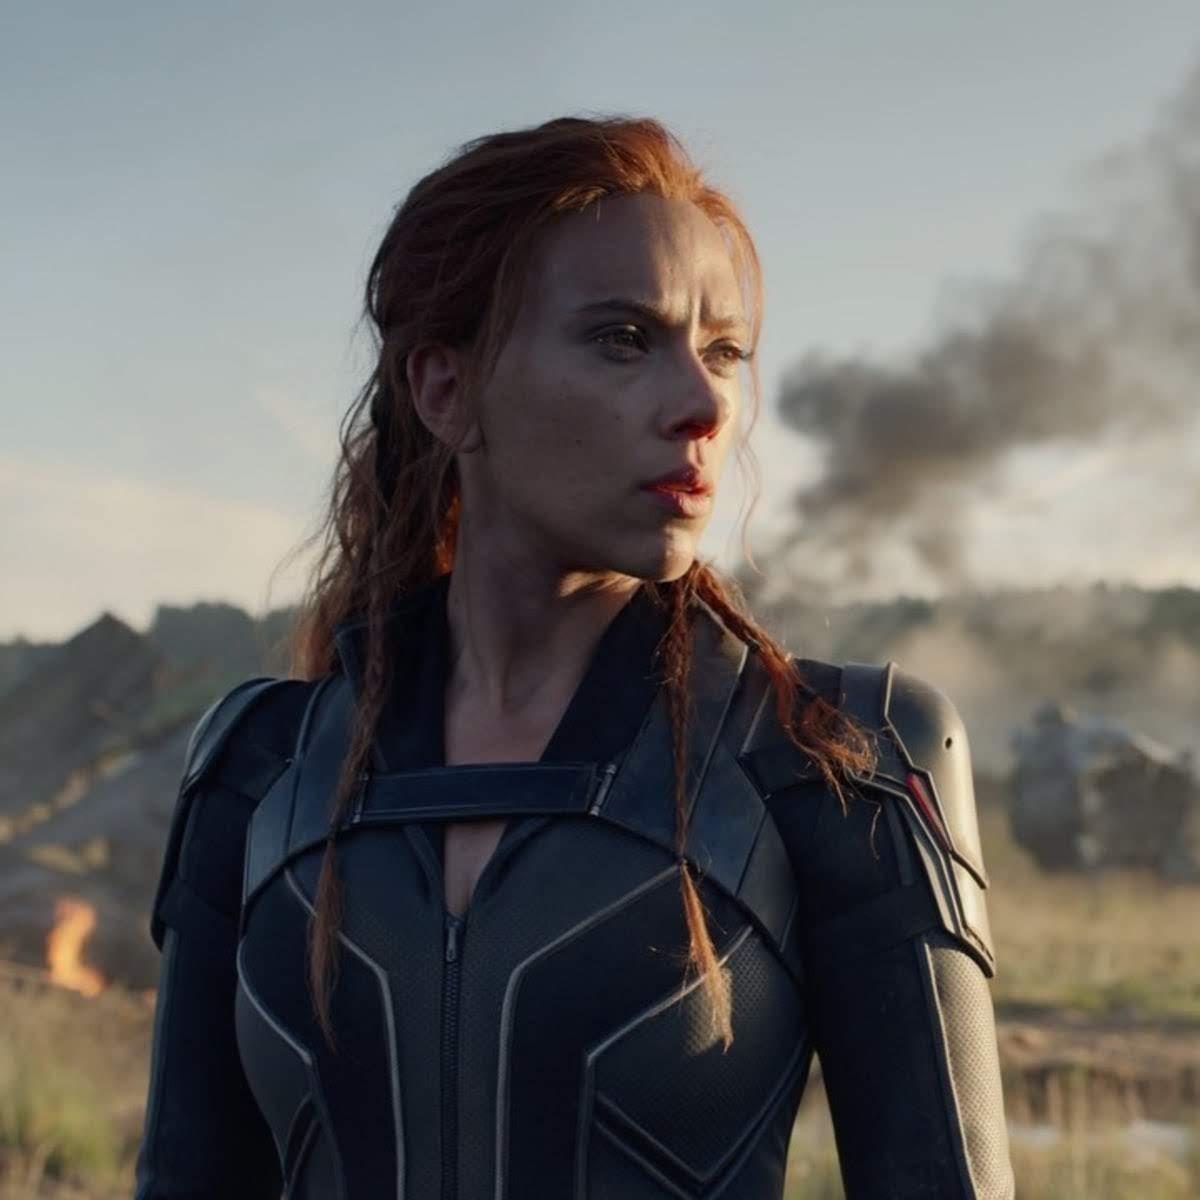 Scarlett Johansson as Black Widow in MCU : スカーレット・ジョハンソンが、マーベル・シネマティック・ユニバースでの10年間に出演した9本のヒーロー映画のブラック・ウィドウのイメージの移り変わり ! !